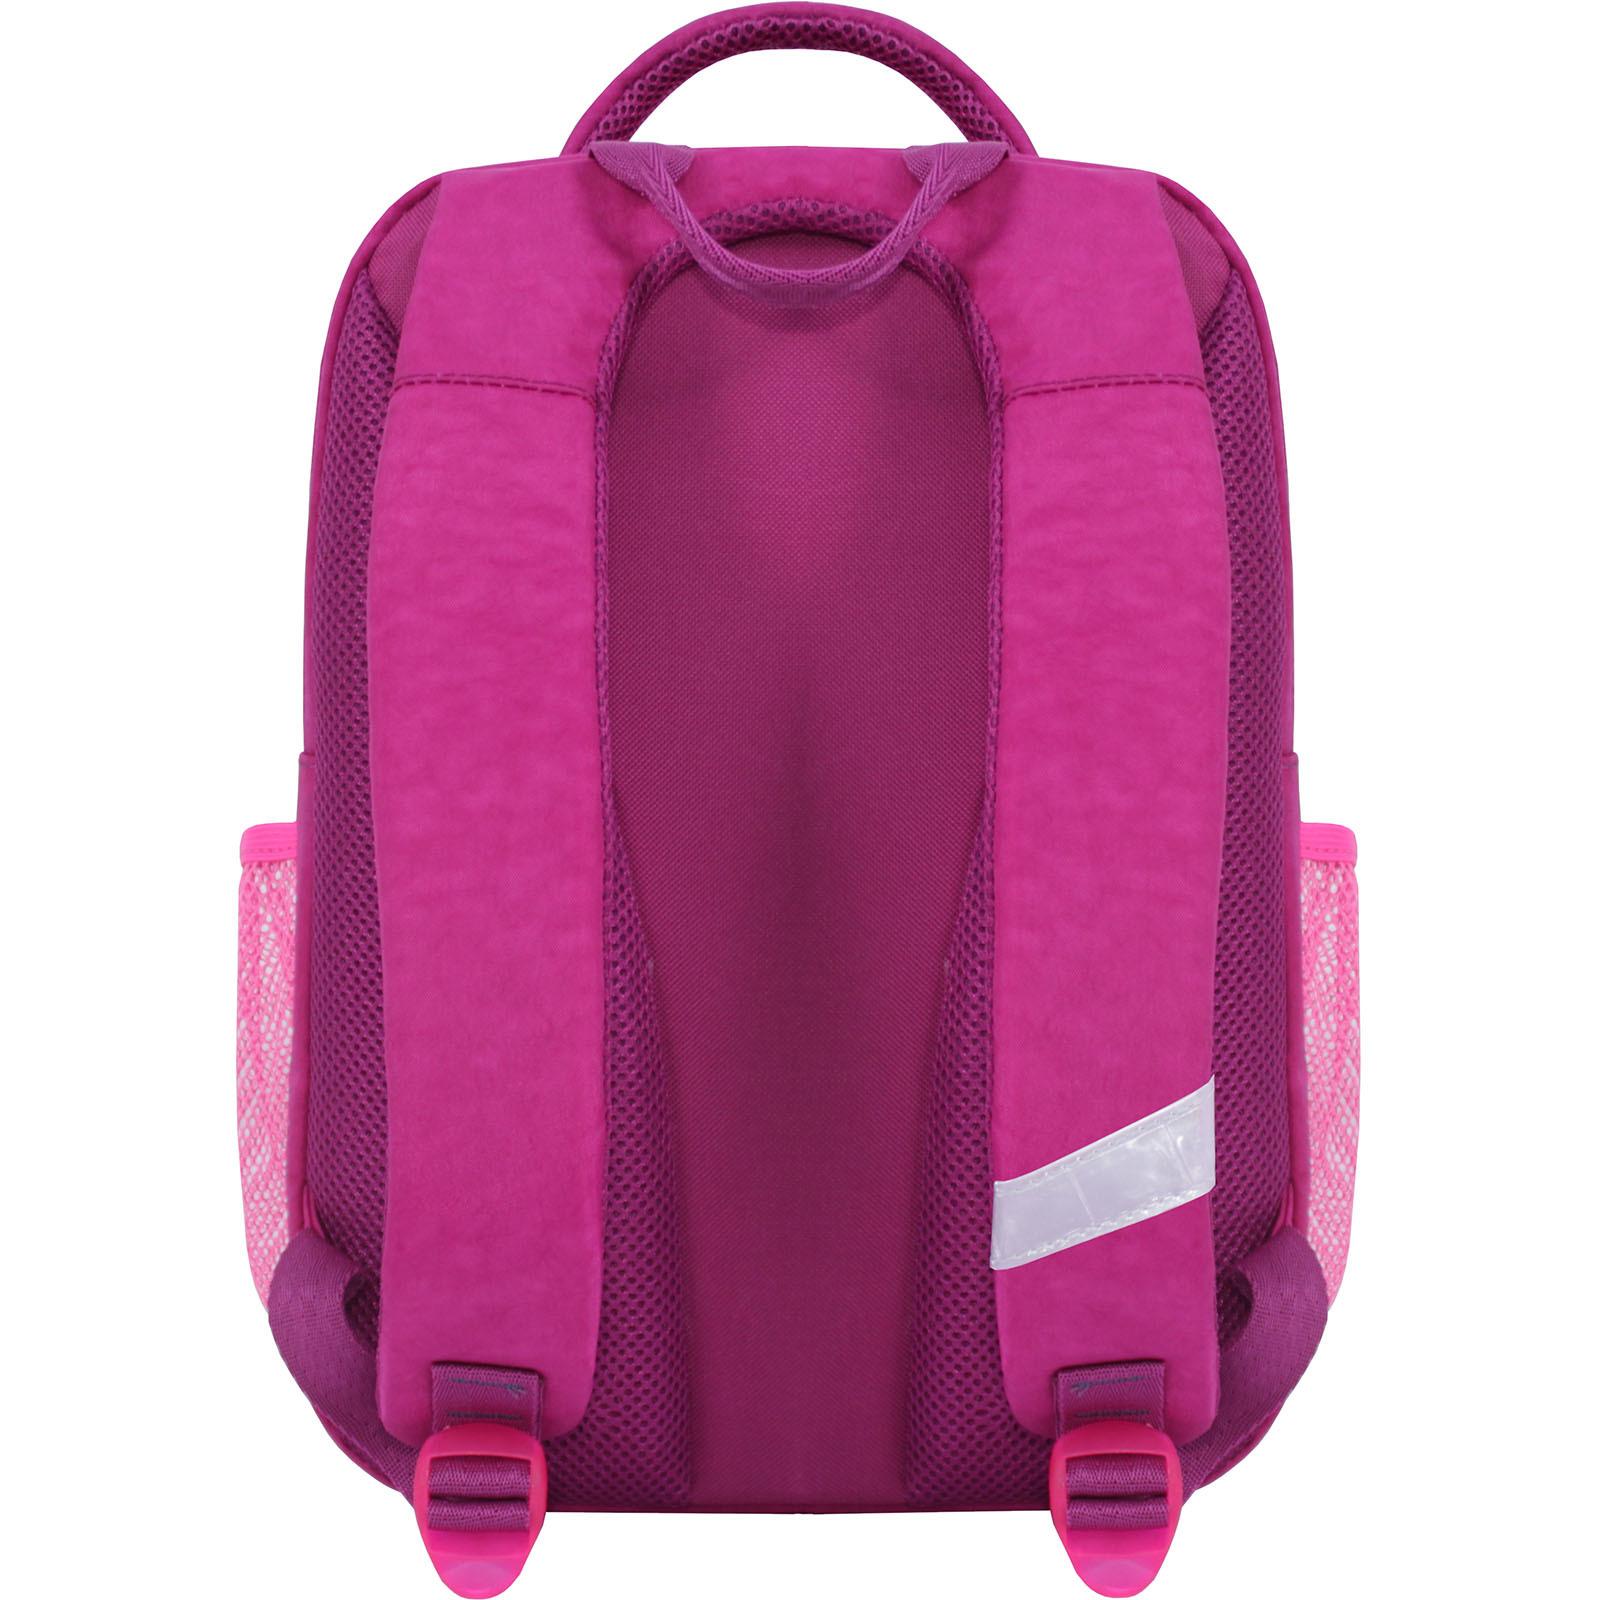 Рюкзак школьный Bagland Школьник 8 л. 143 малиновый 514 (0012870) фото 3